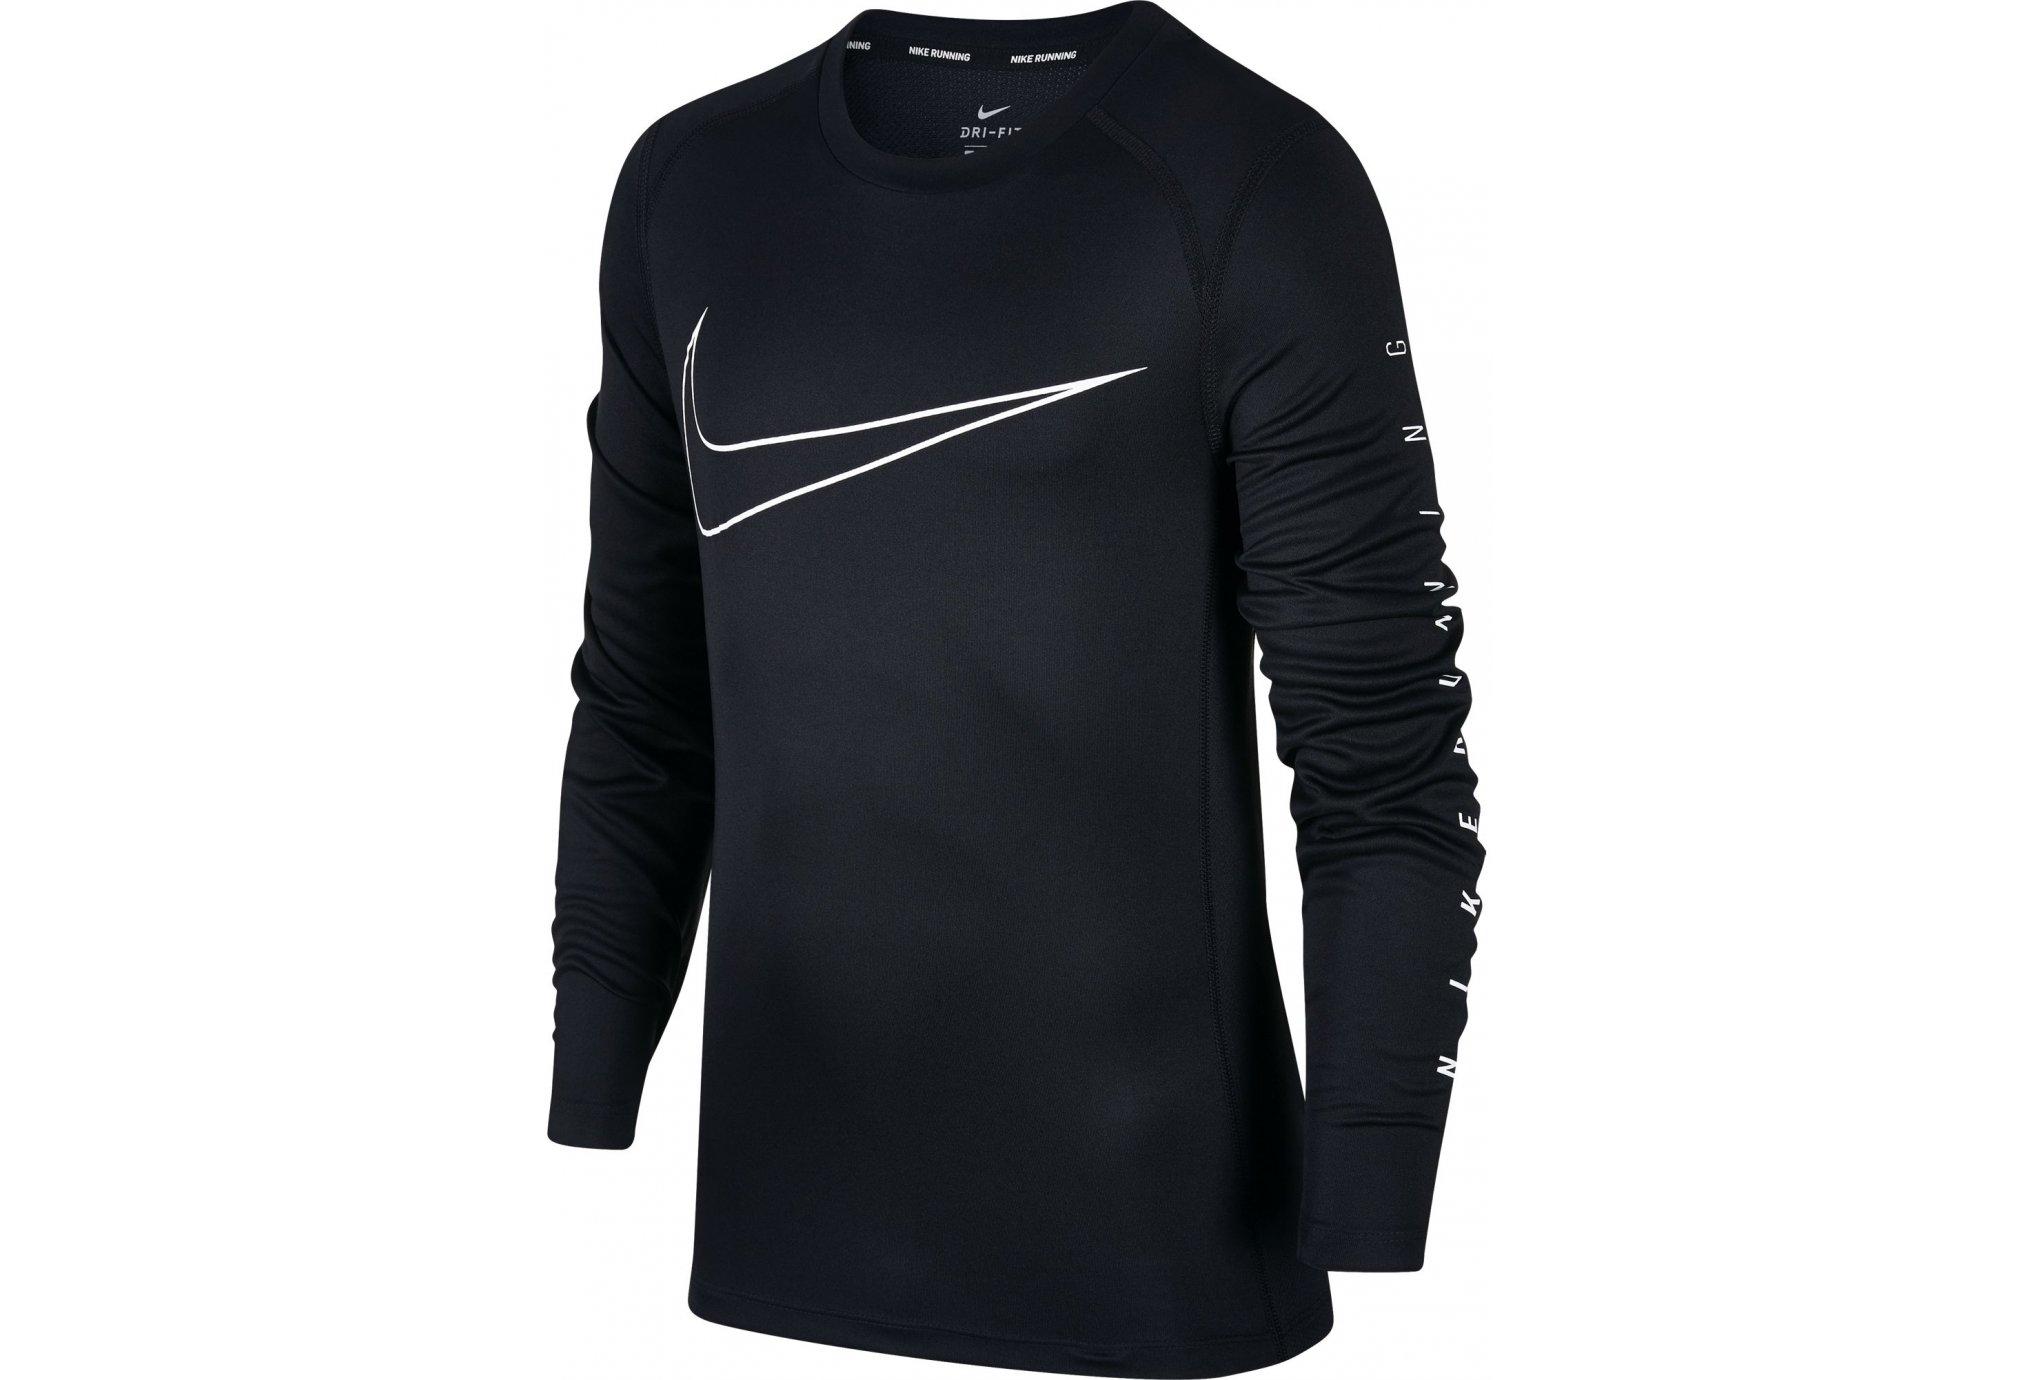 Nike Dry miler garçon vêtement running homme